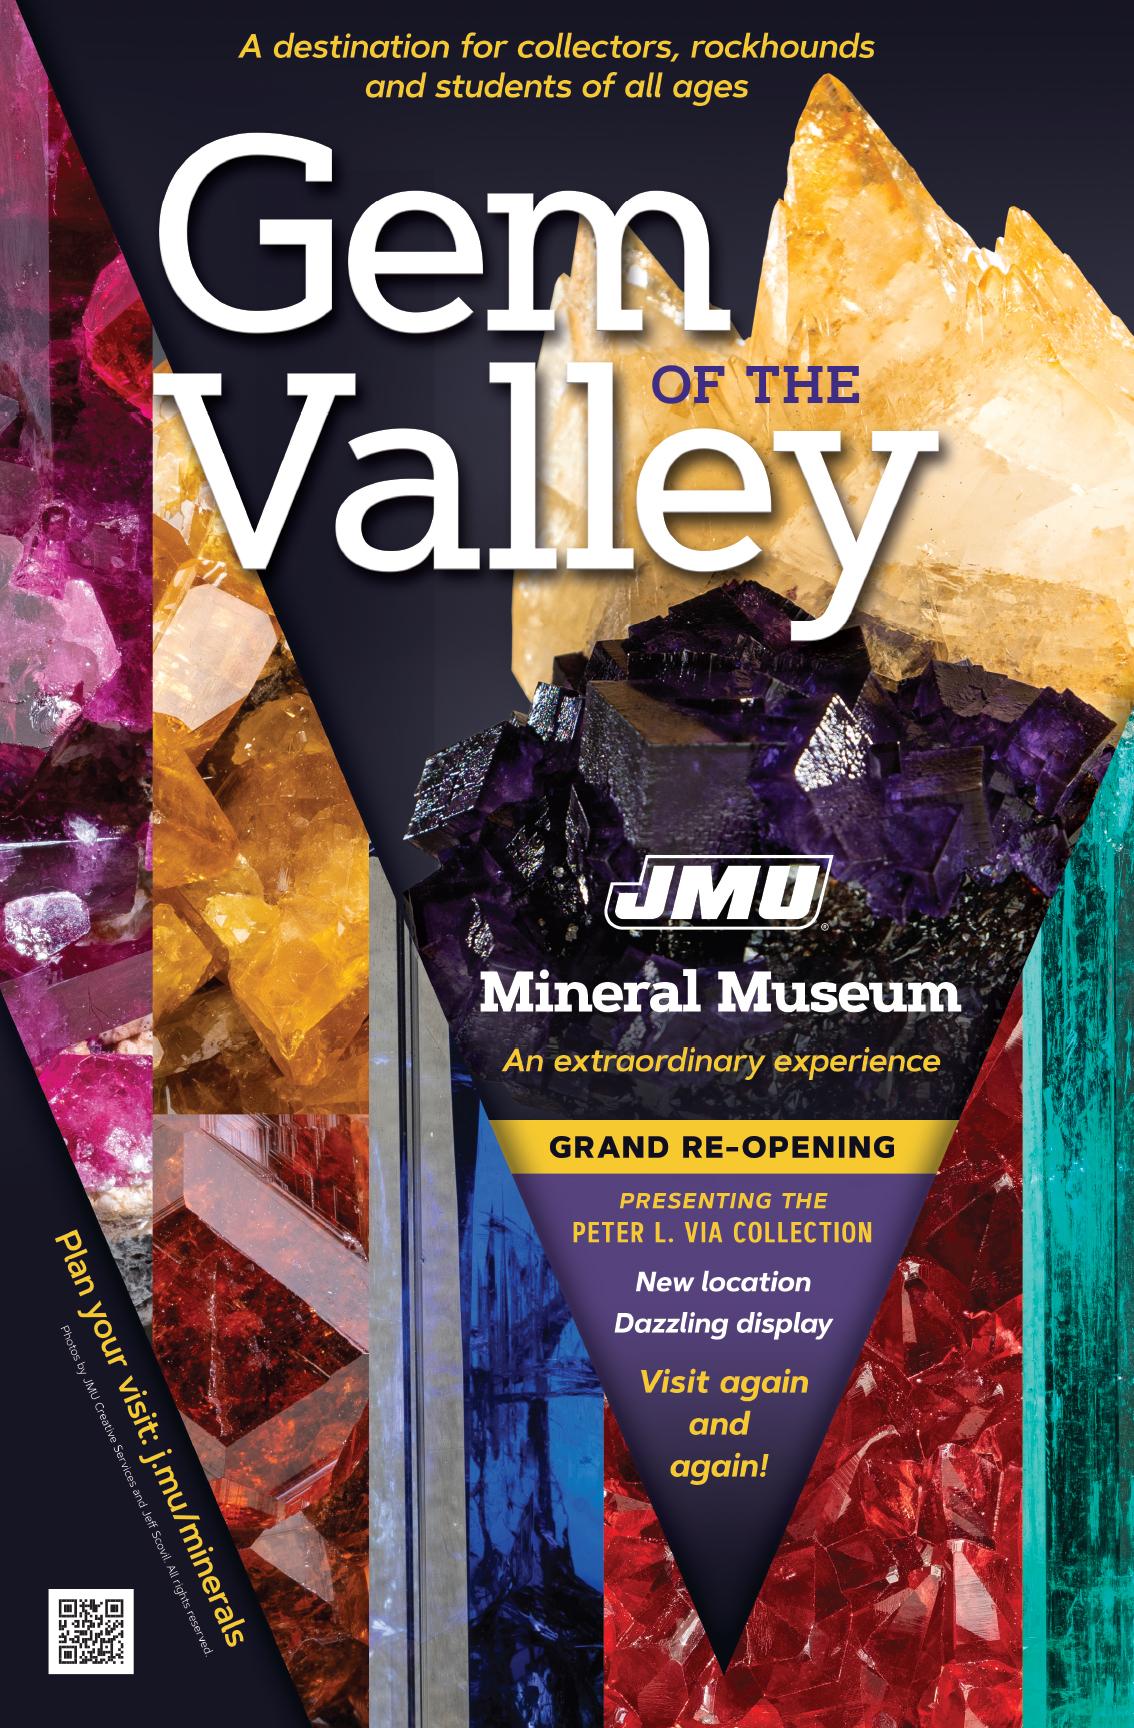 JMU Mineral Museum